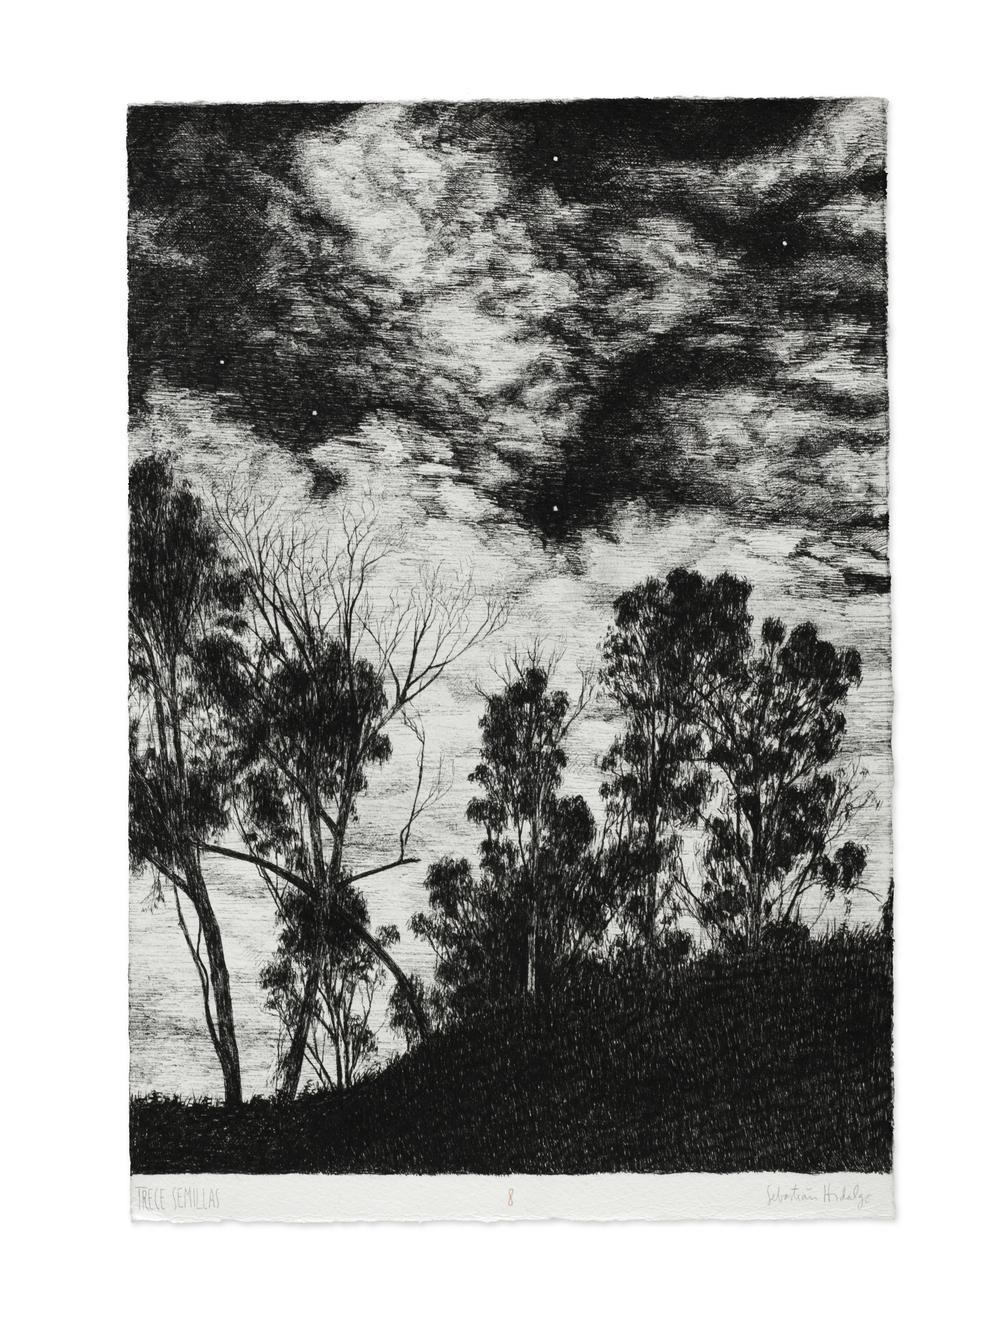 Trece semillas/8, 2015 Ink on paper, 39 x 26.5 cm